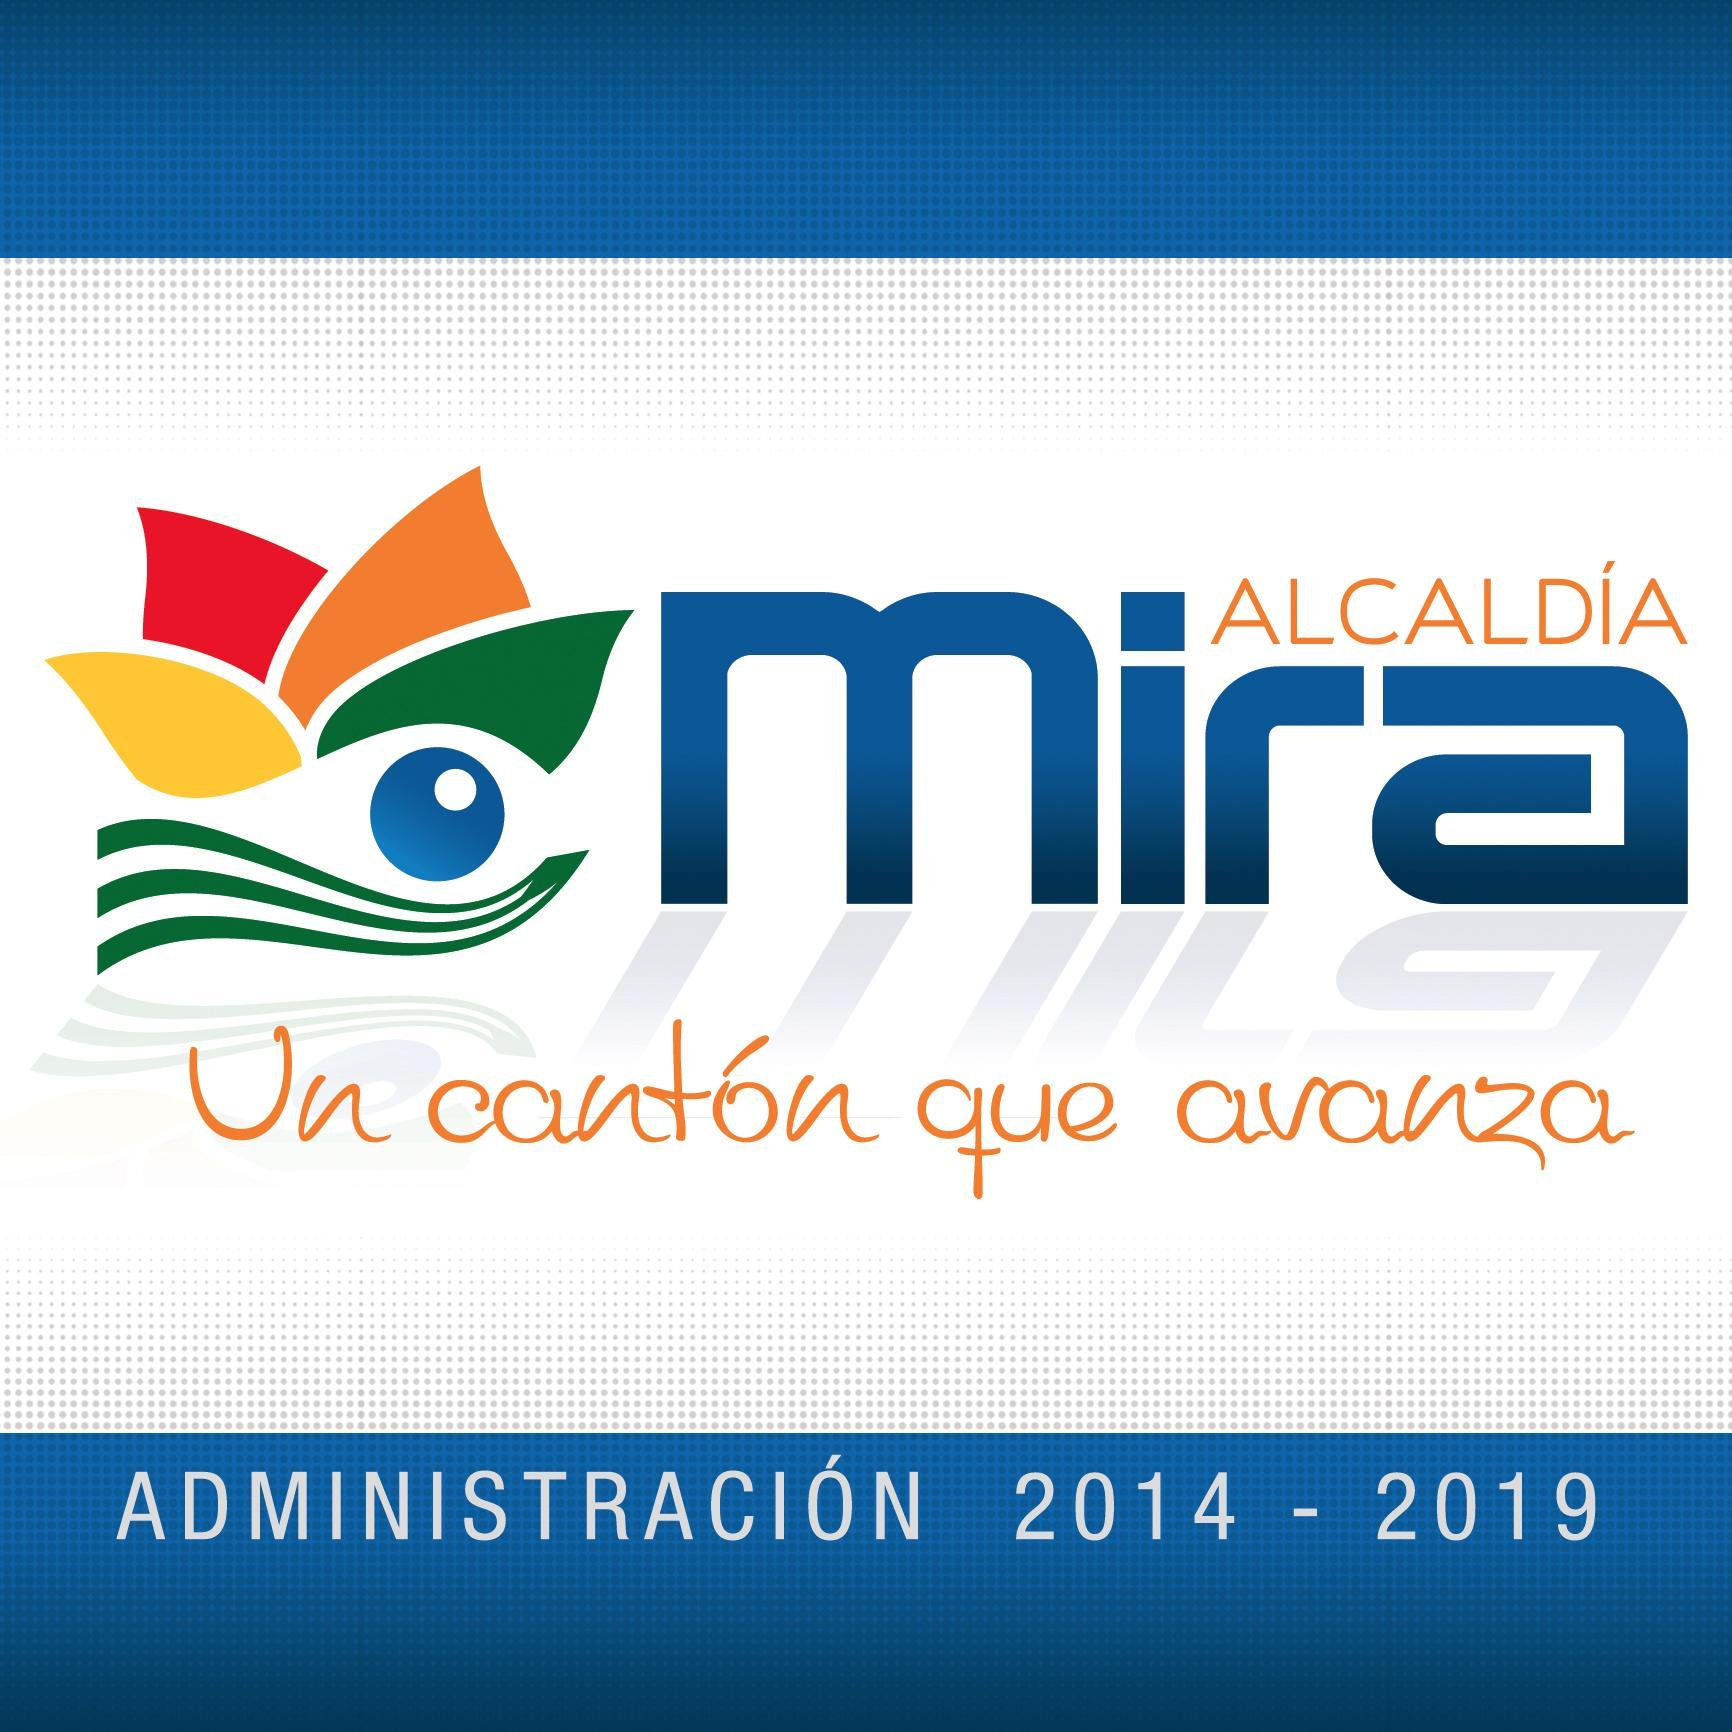 Logo Alcaldía de Mira